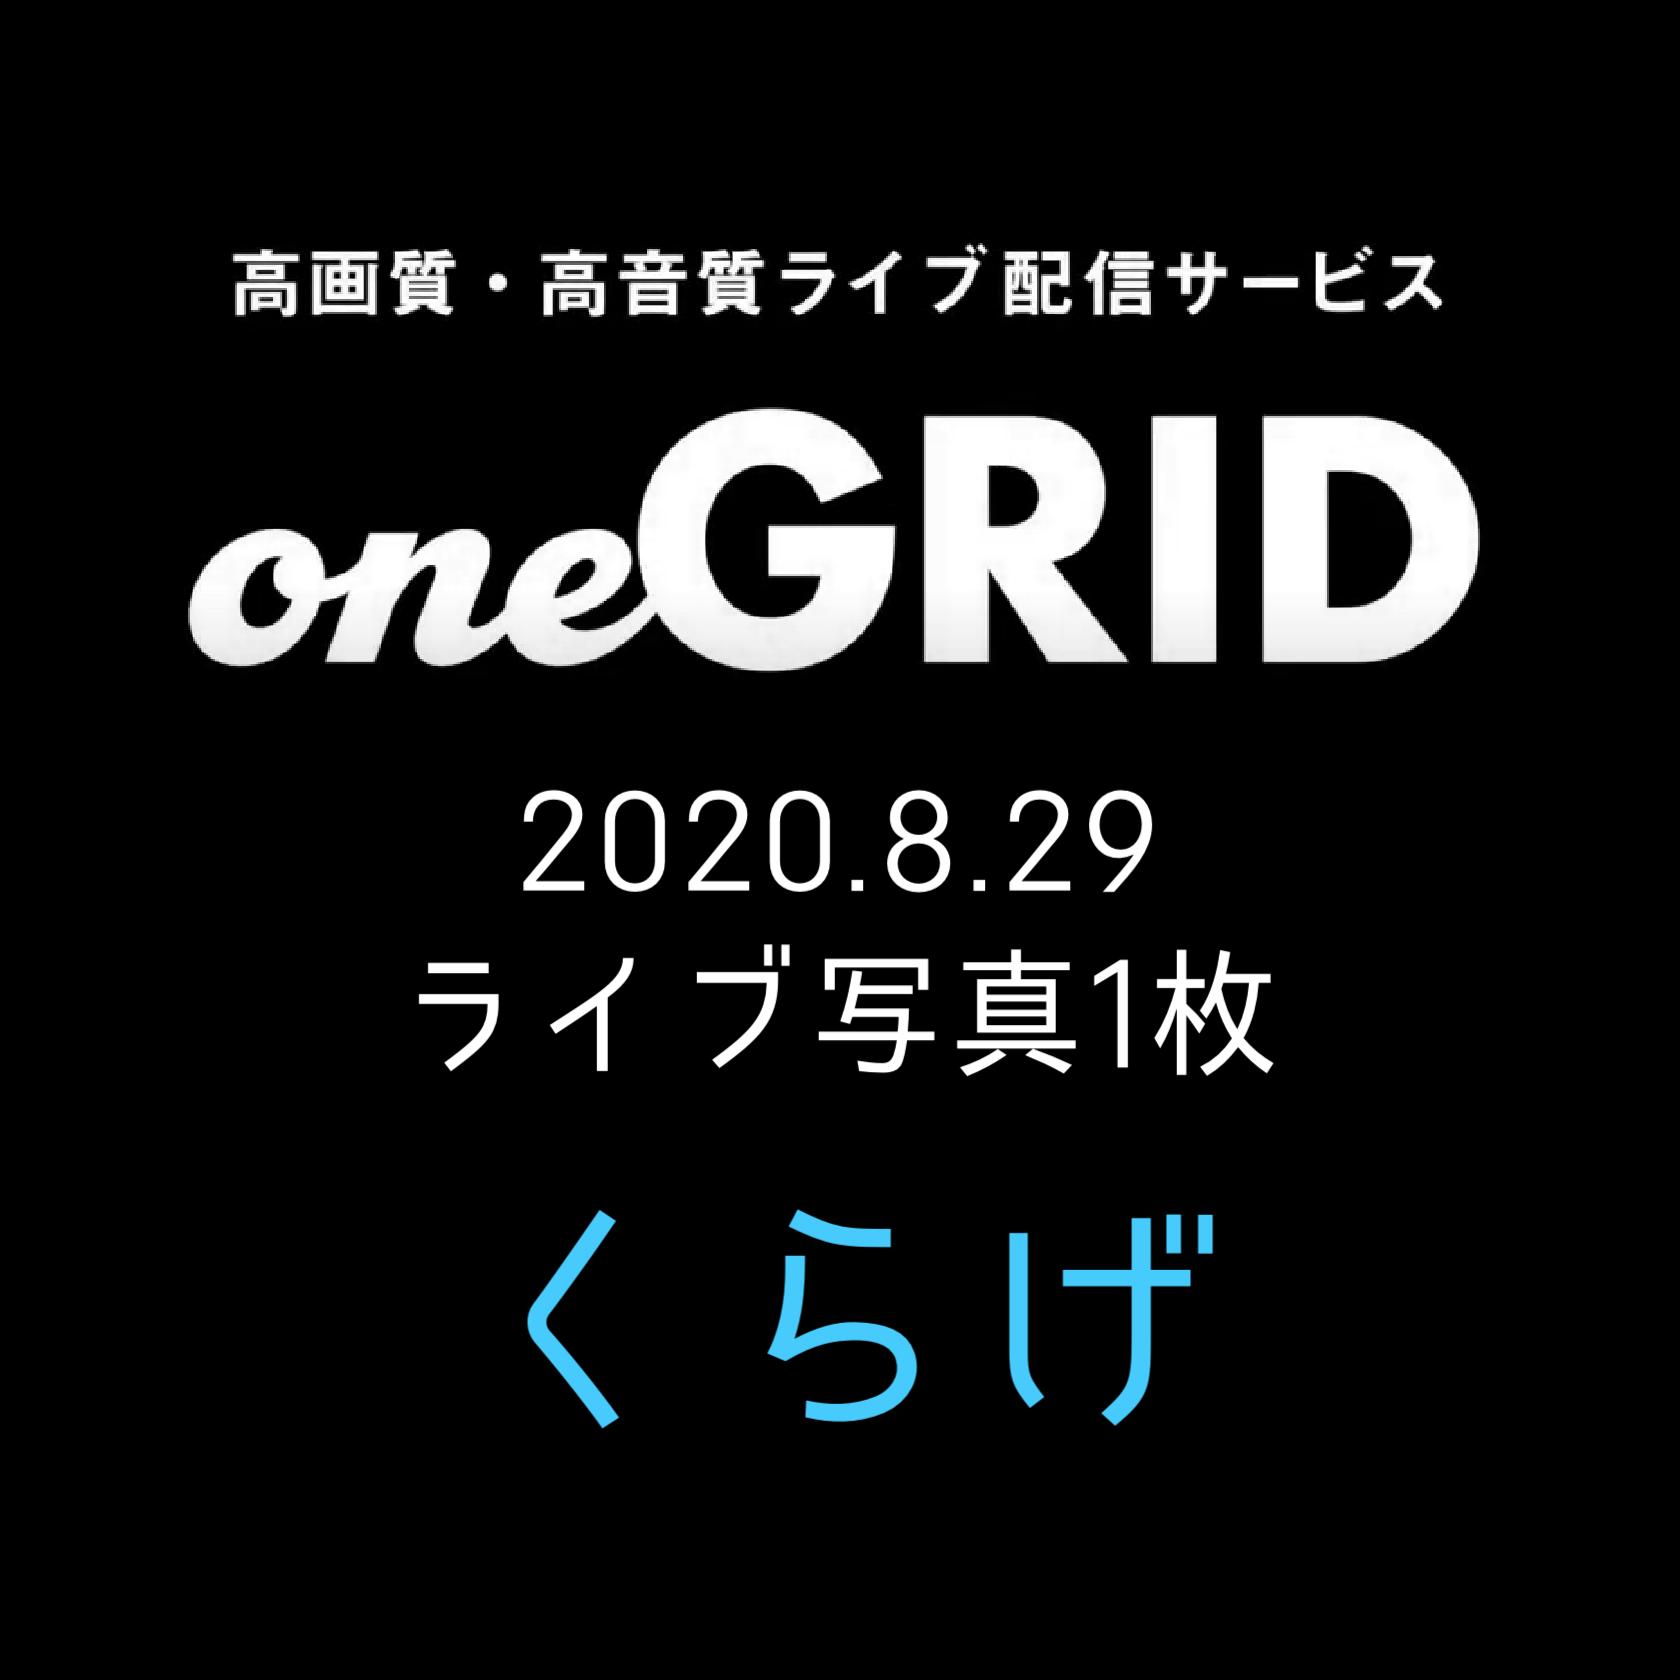 8/29くらげライブ写真